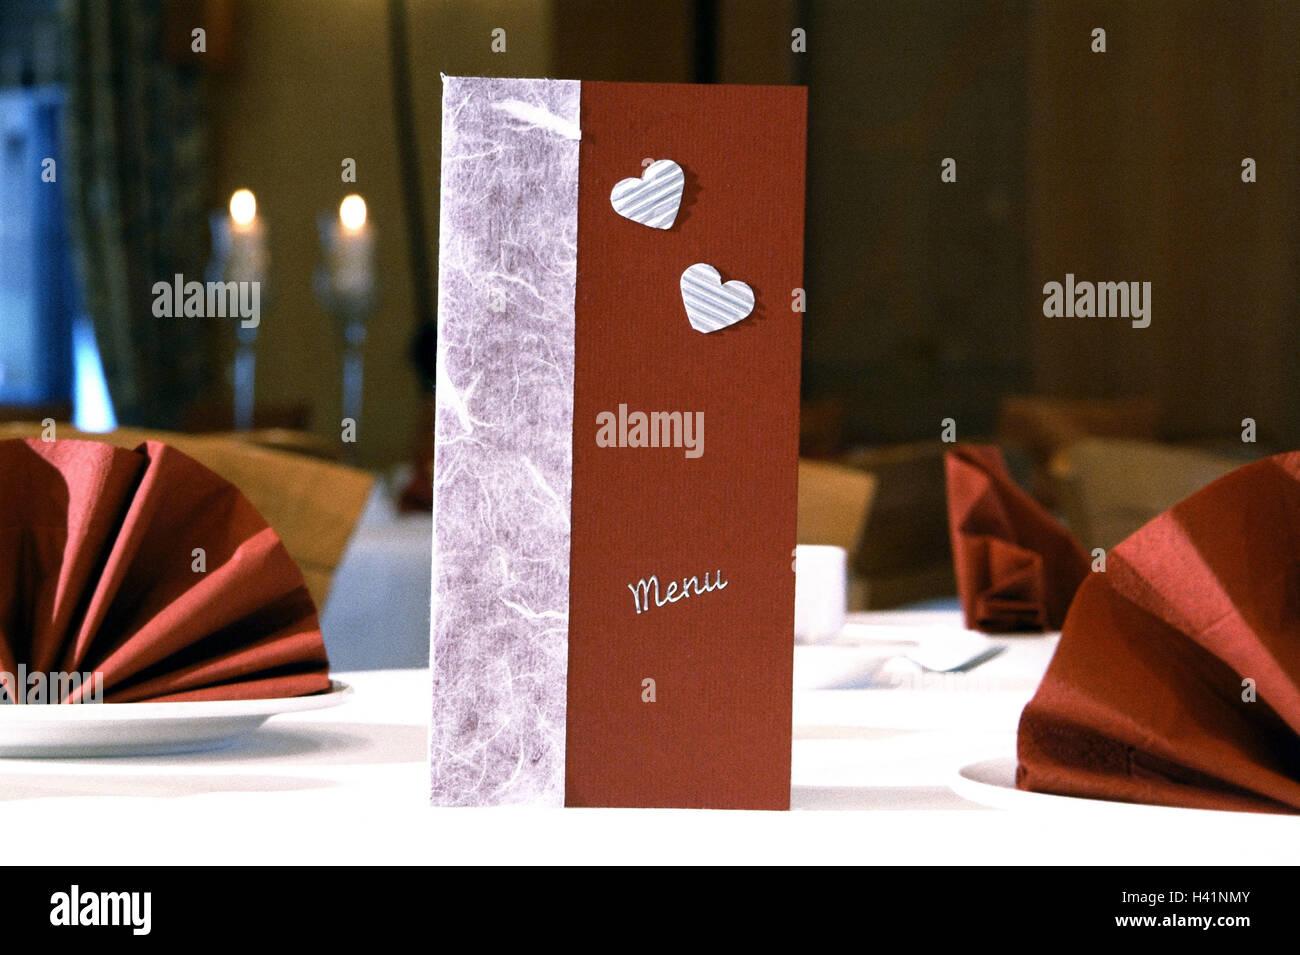 Restaurant Gastronomie Einrichtung Tisch Bedeckt Menukarte